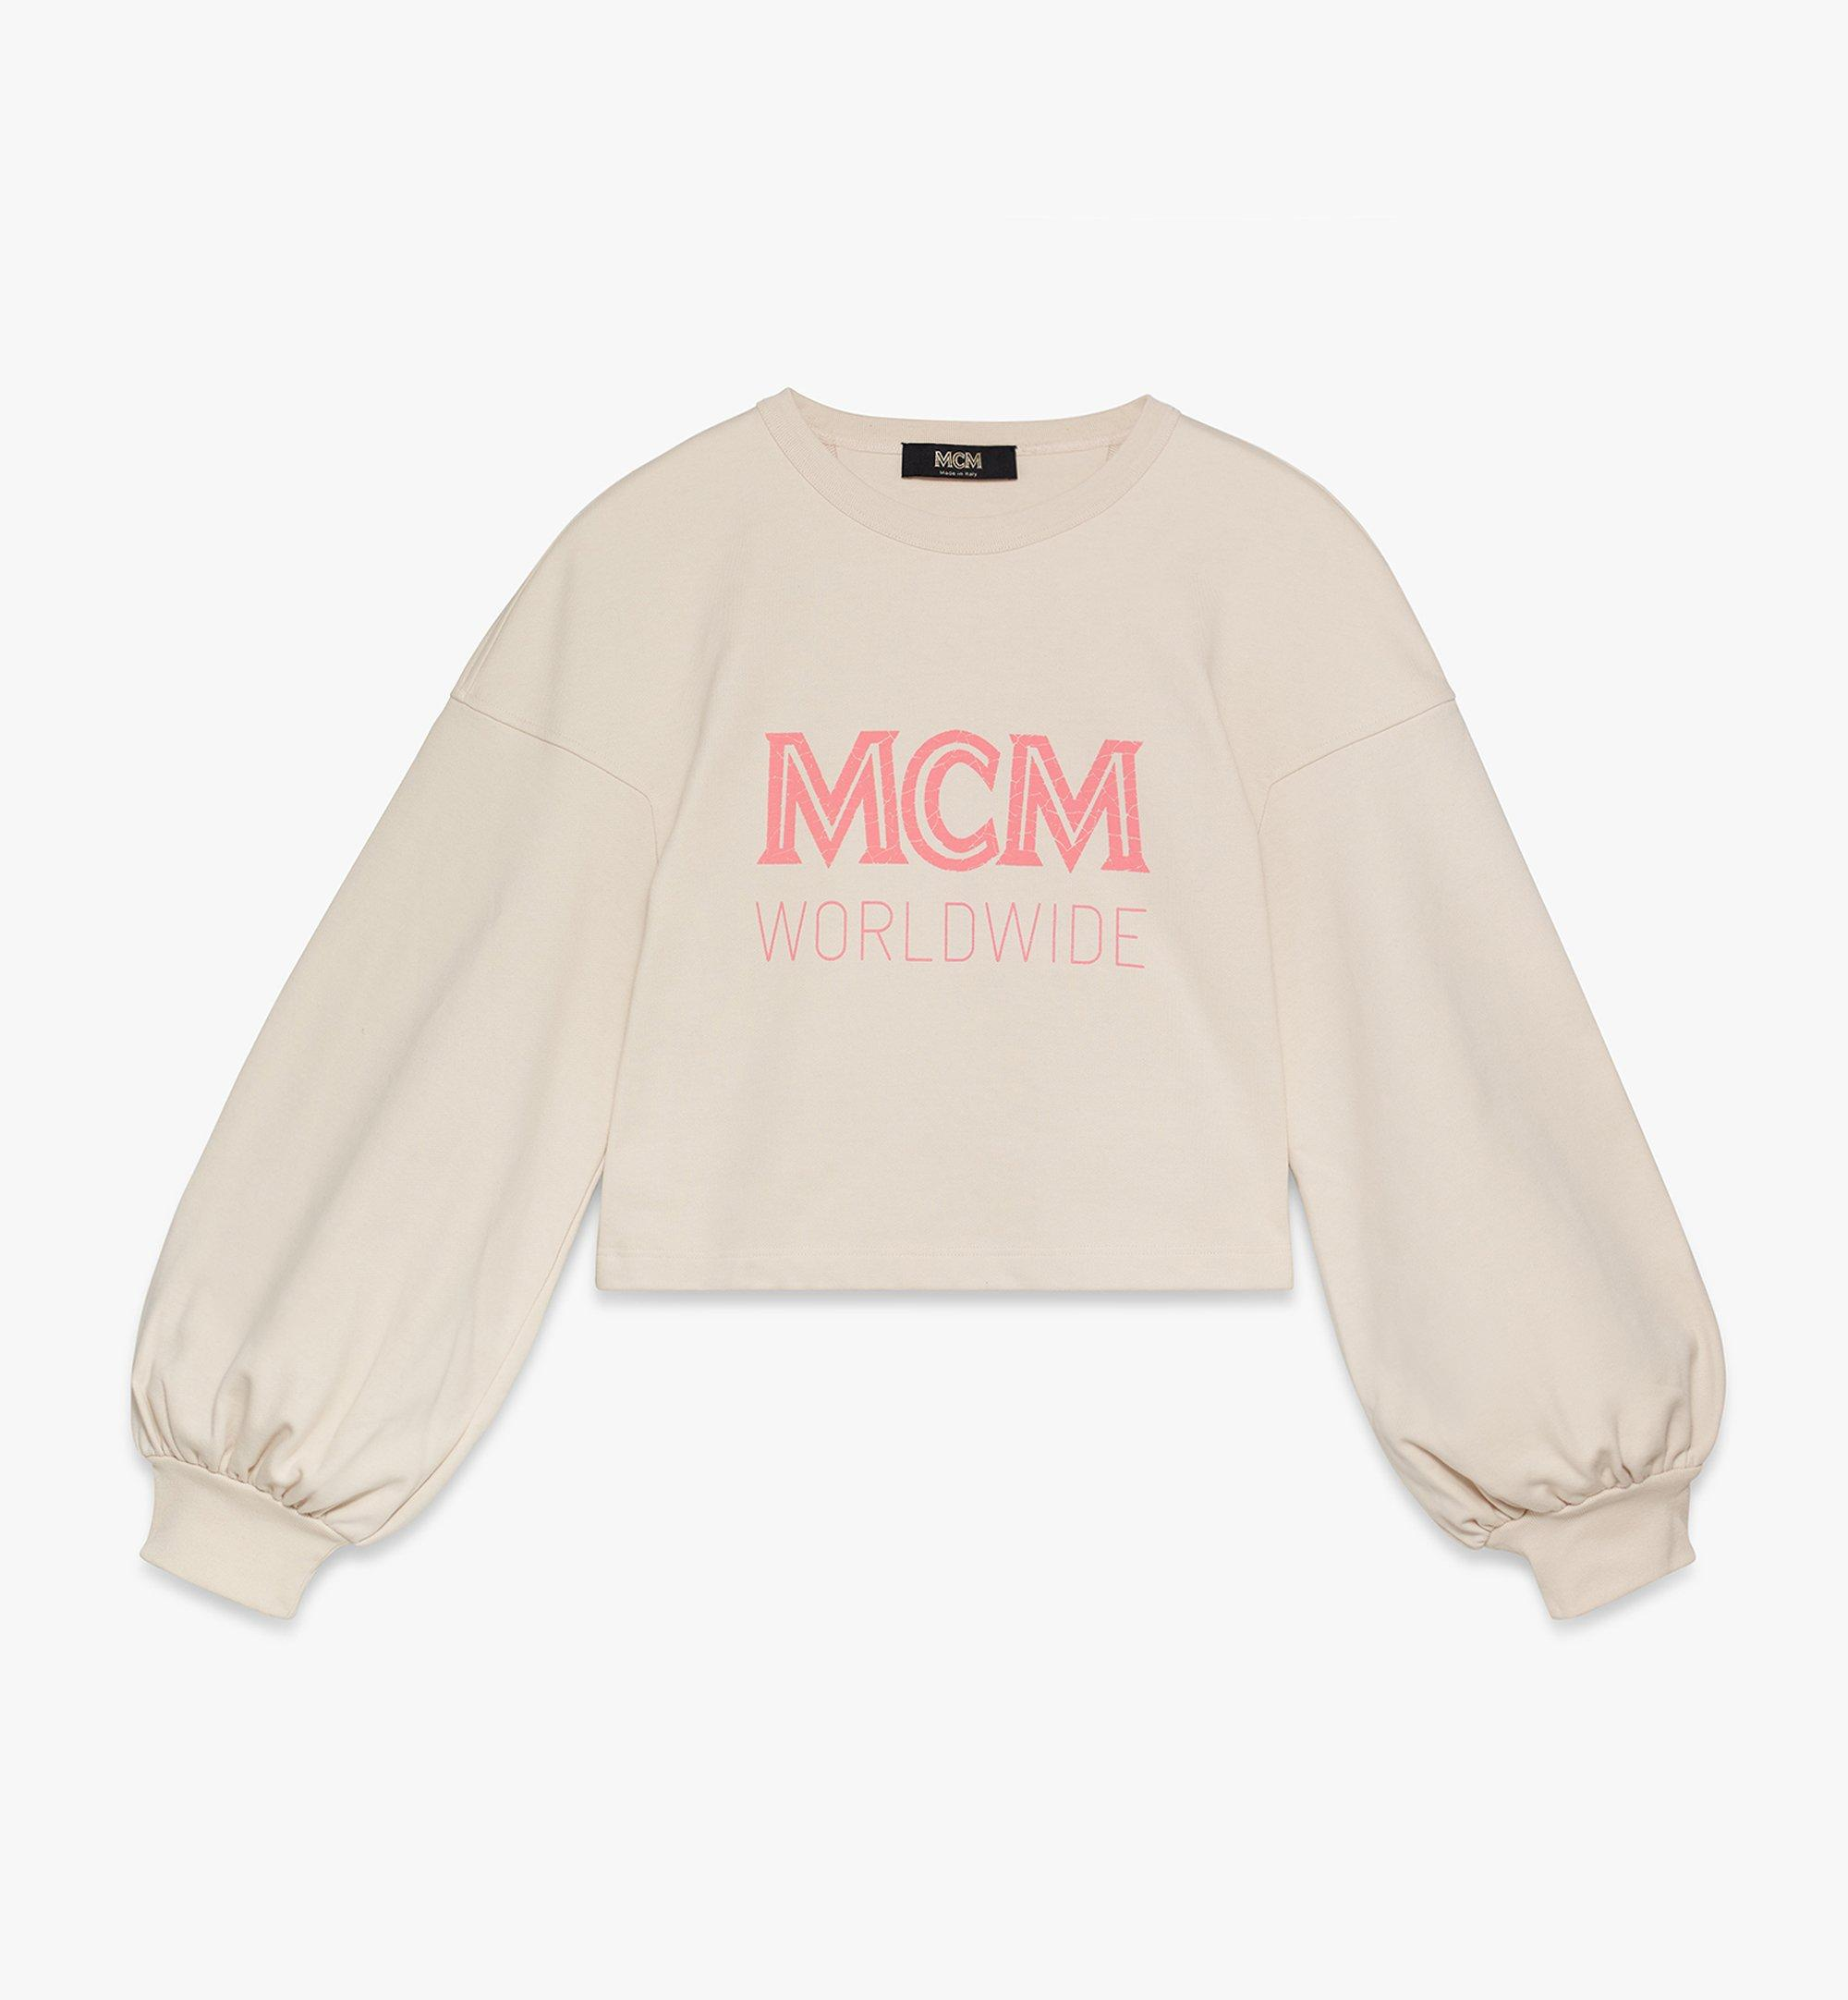 MCM ウィメンズ MCM ワールドワイド スウェットシャツ  MFAASMM03IH00L Alternate View 1